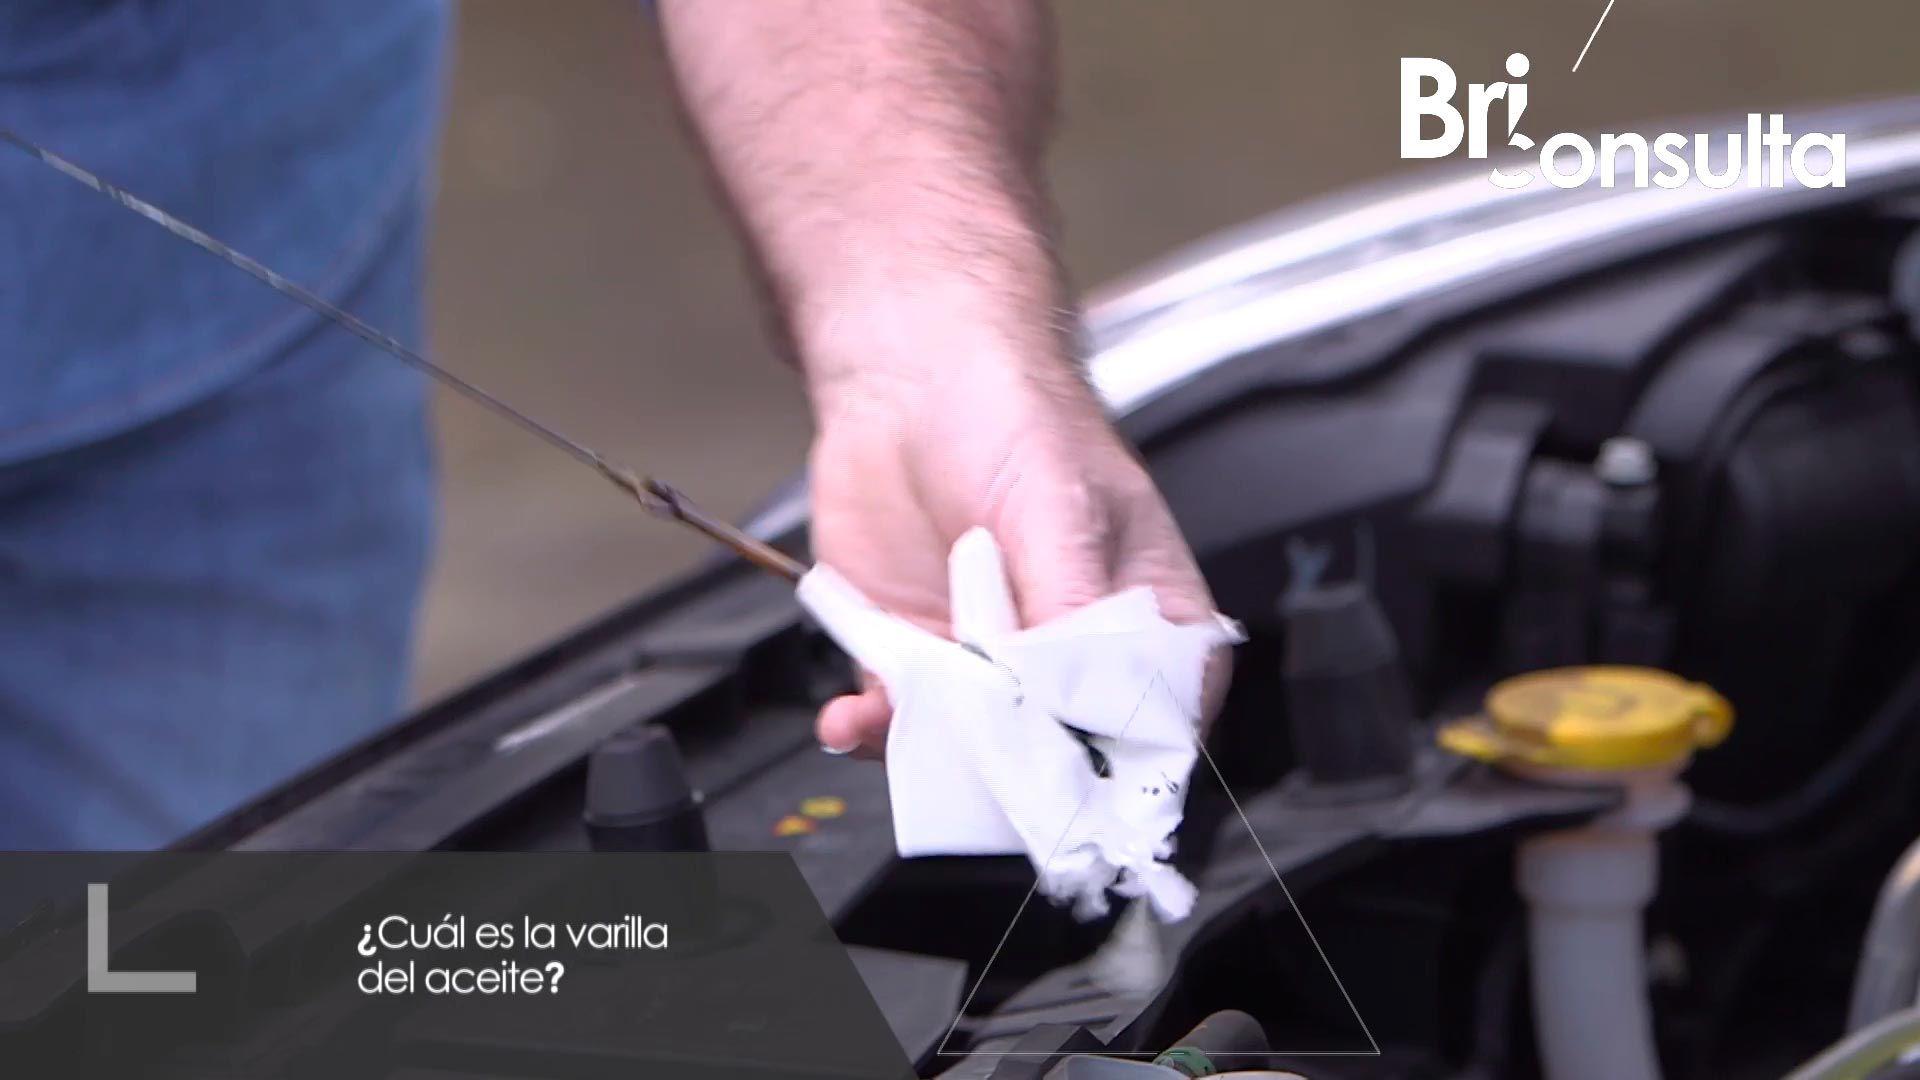 Cómo comprobar el nivel de aceite del coche